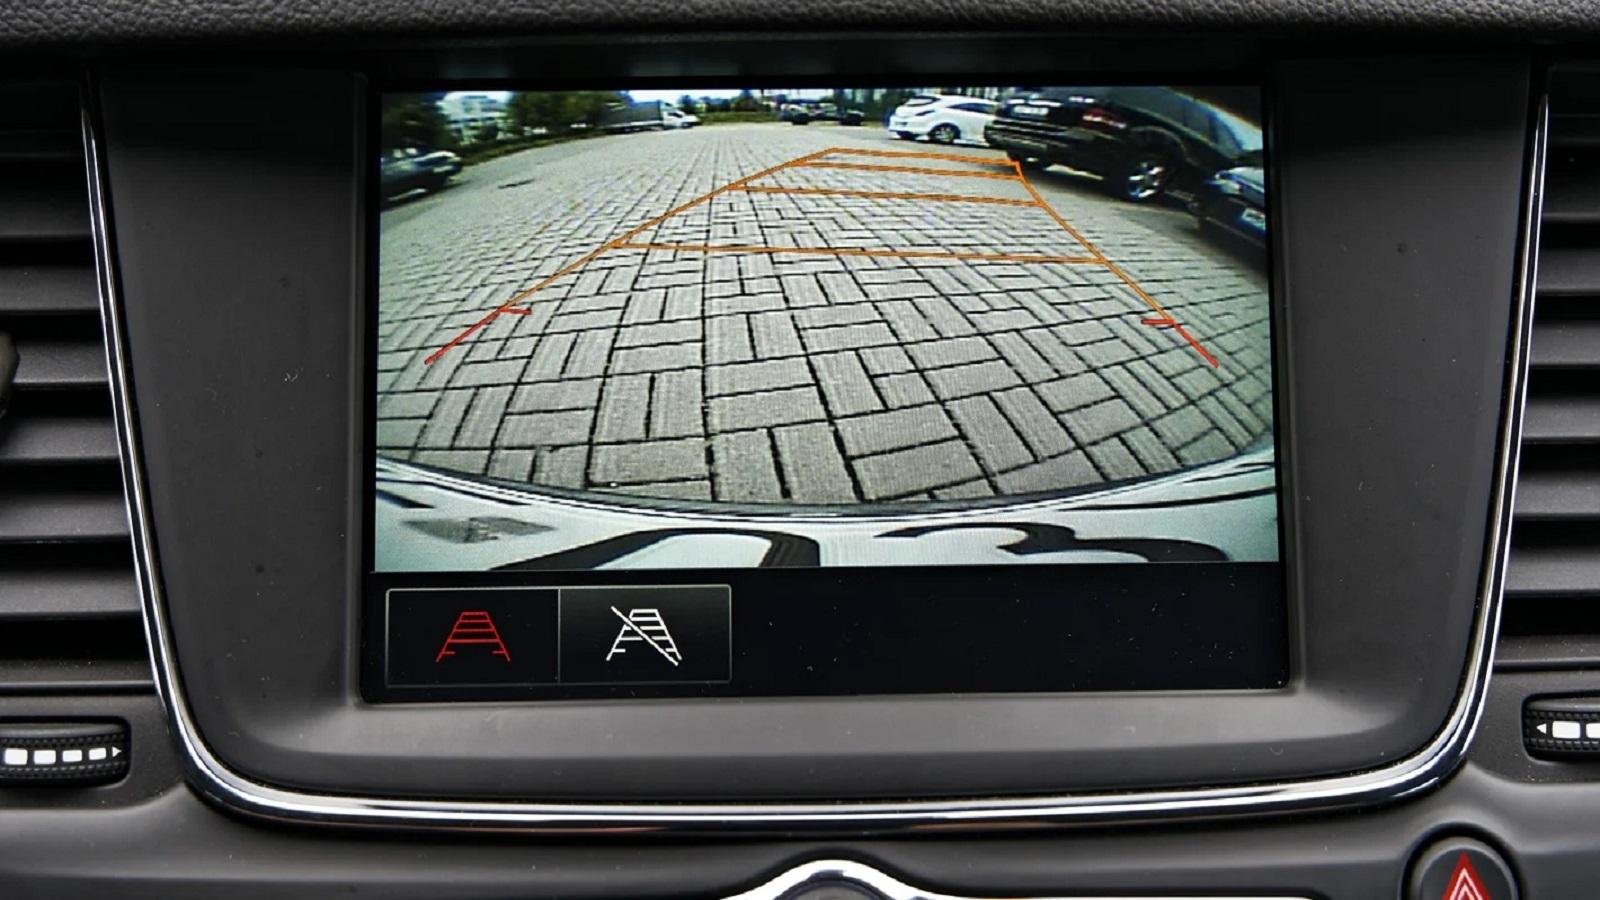 Οι οθόνες multimedia δίνουν την δυνατότητα να προσθέσετε και κάμερα οπισθοπορείας